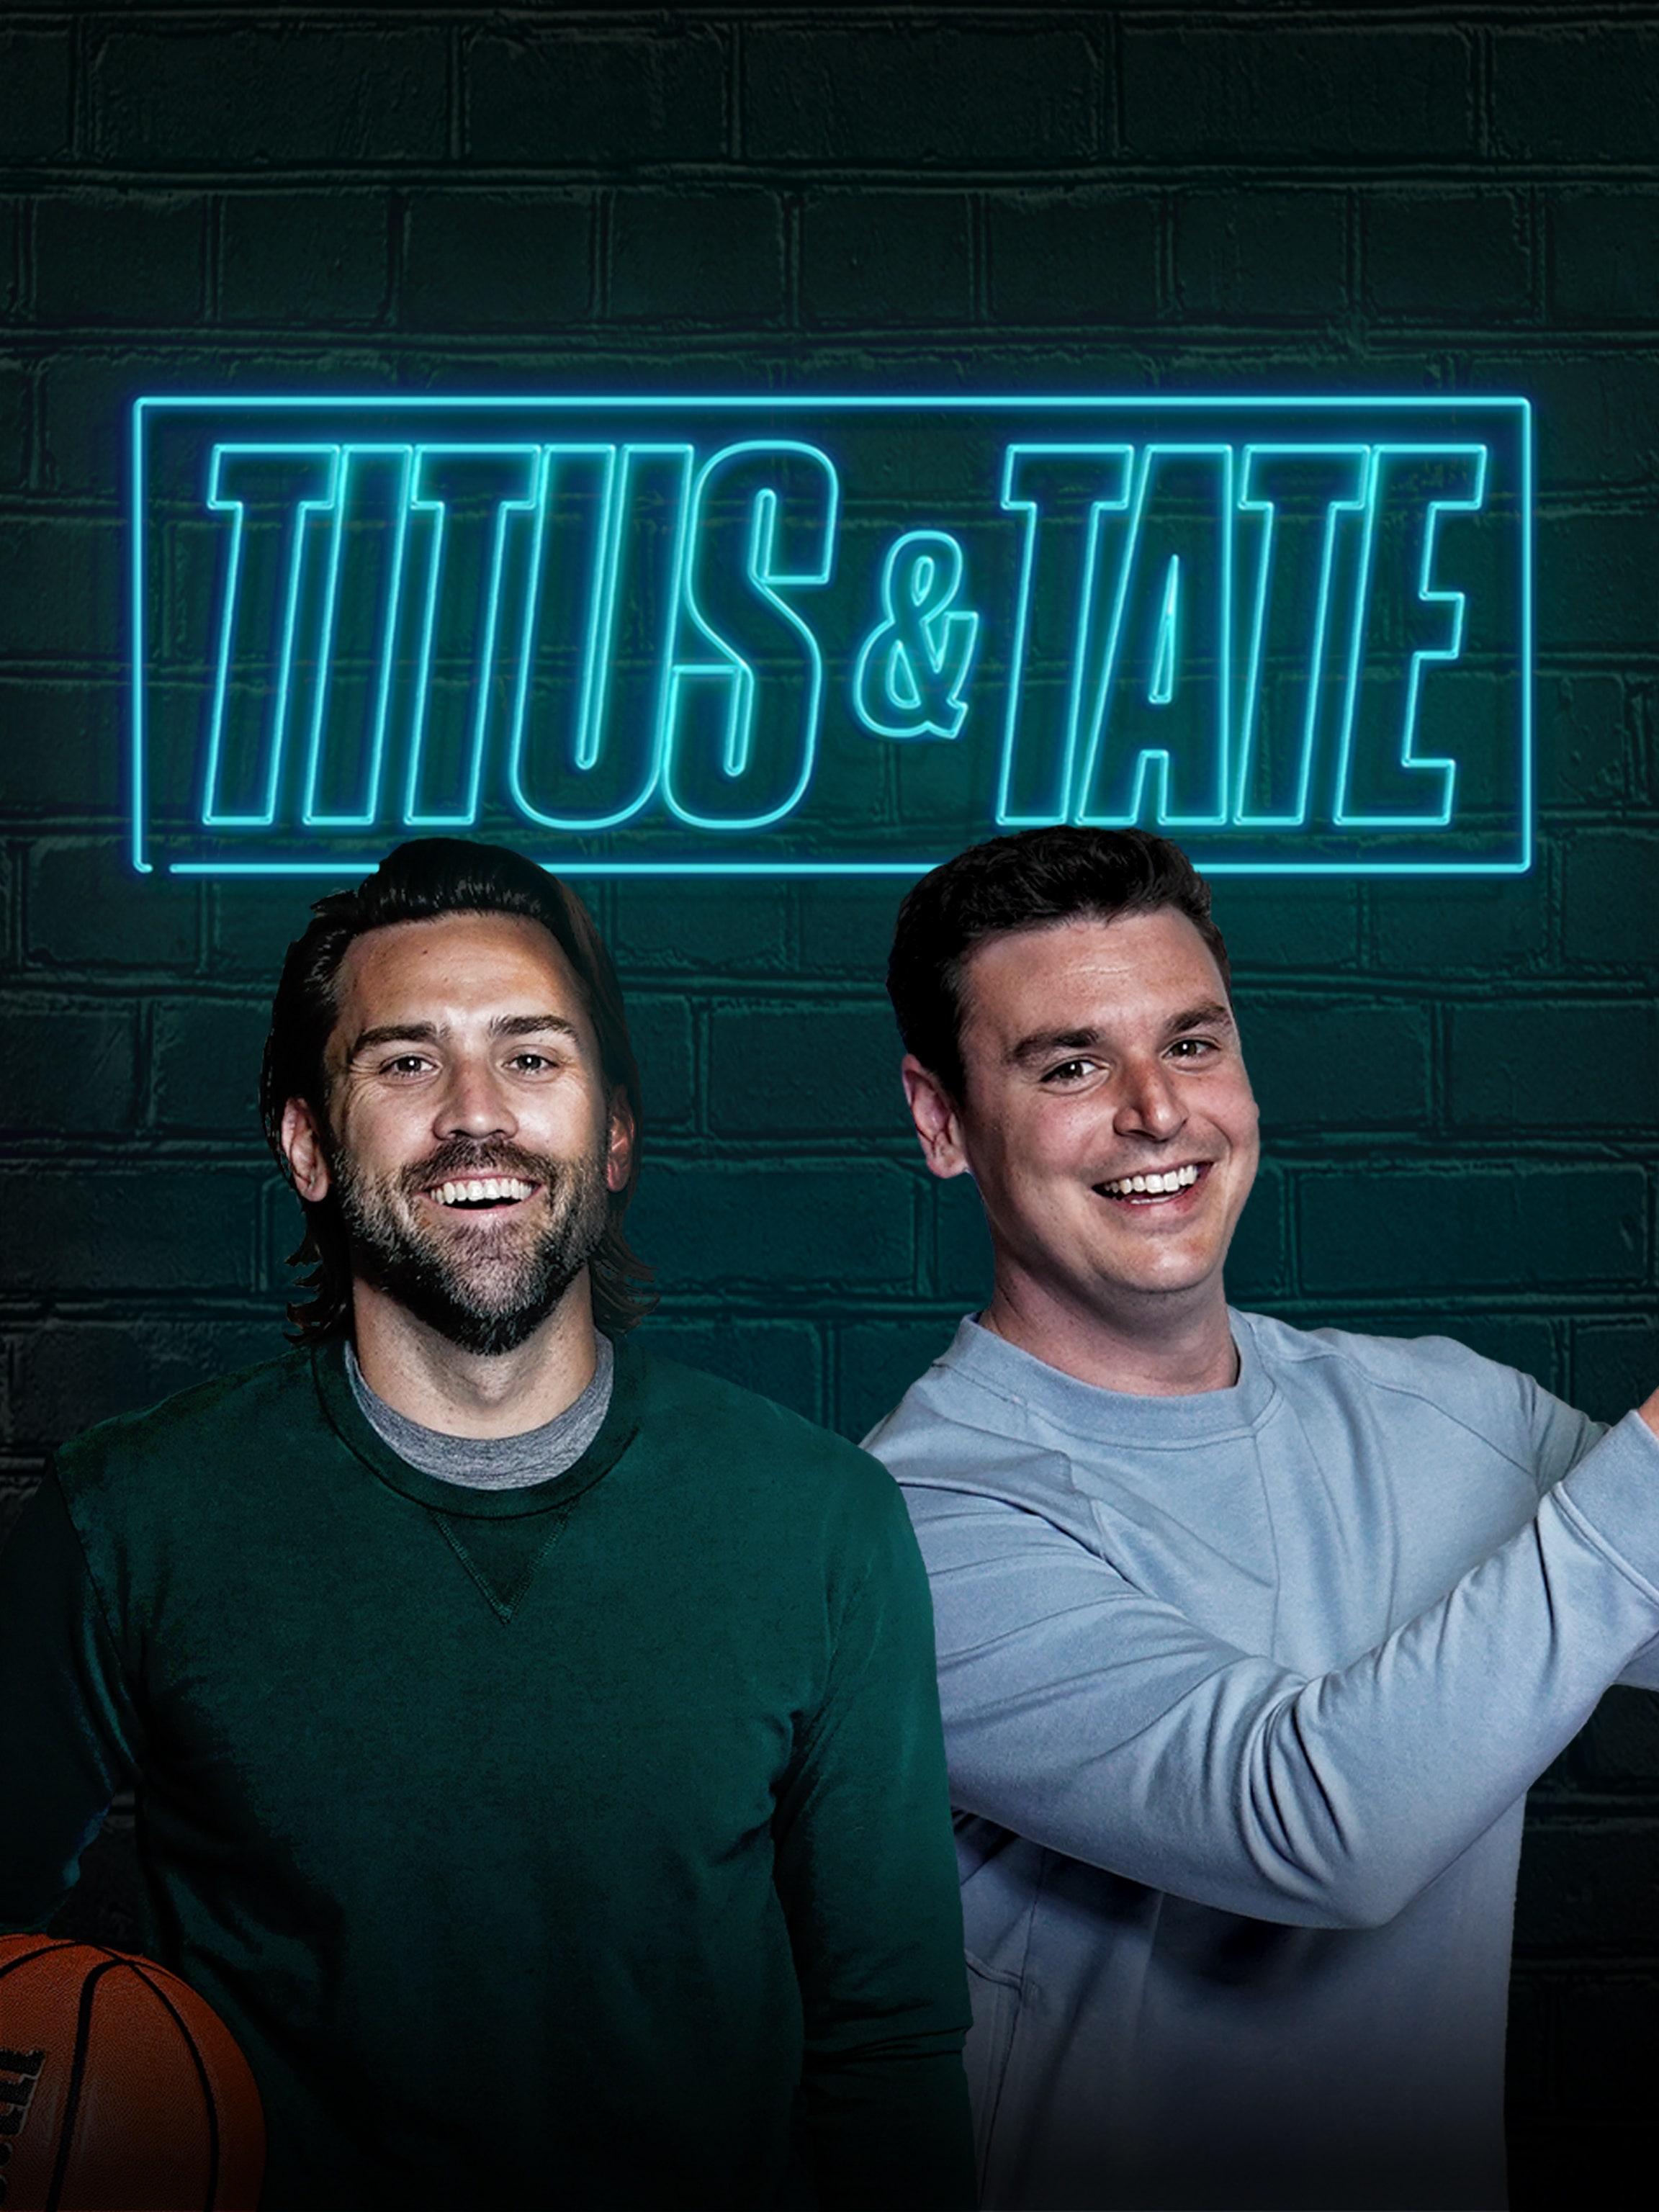 Titus & Tate dcg-mark-poster